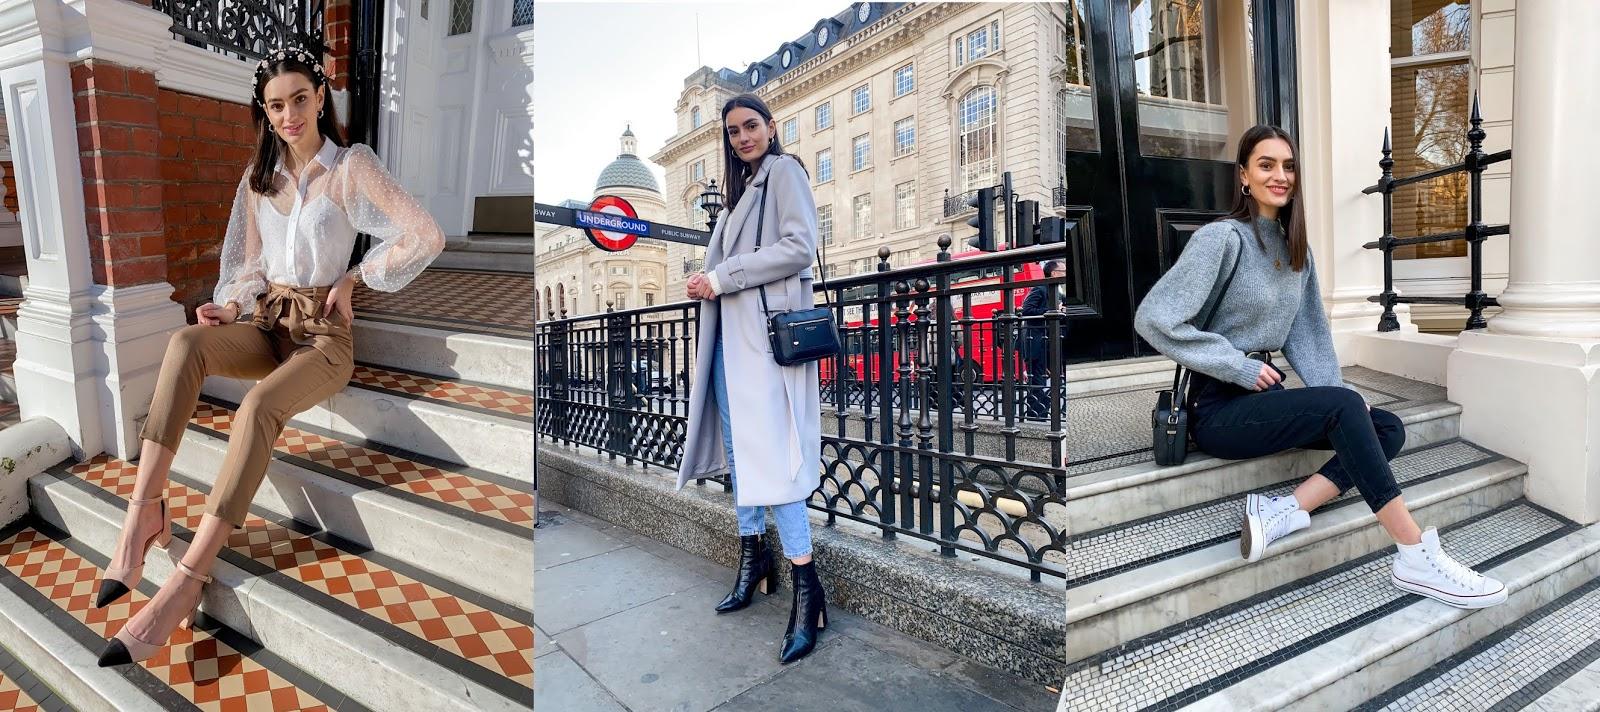 peexo.co.uk fashion favourites February 2020